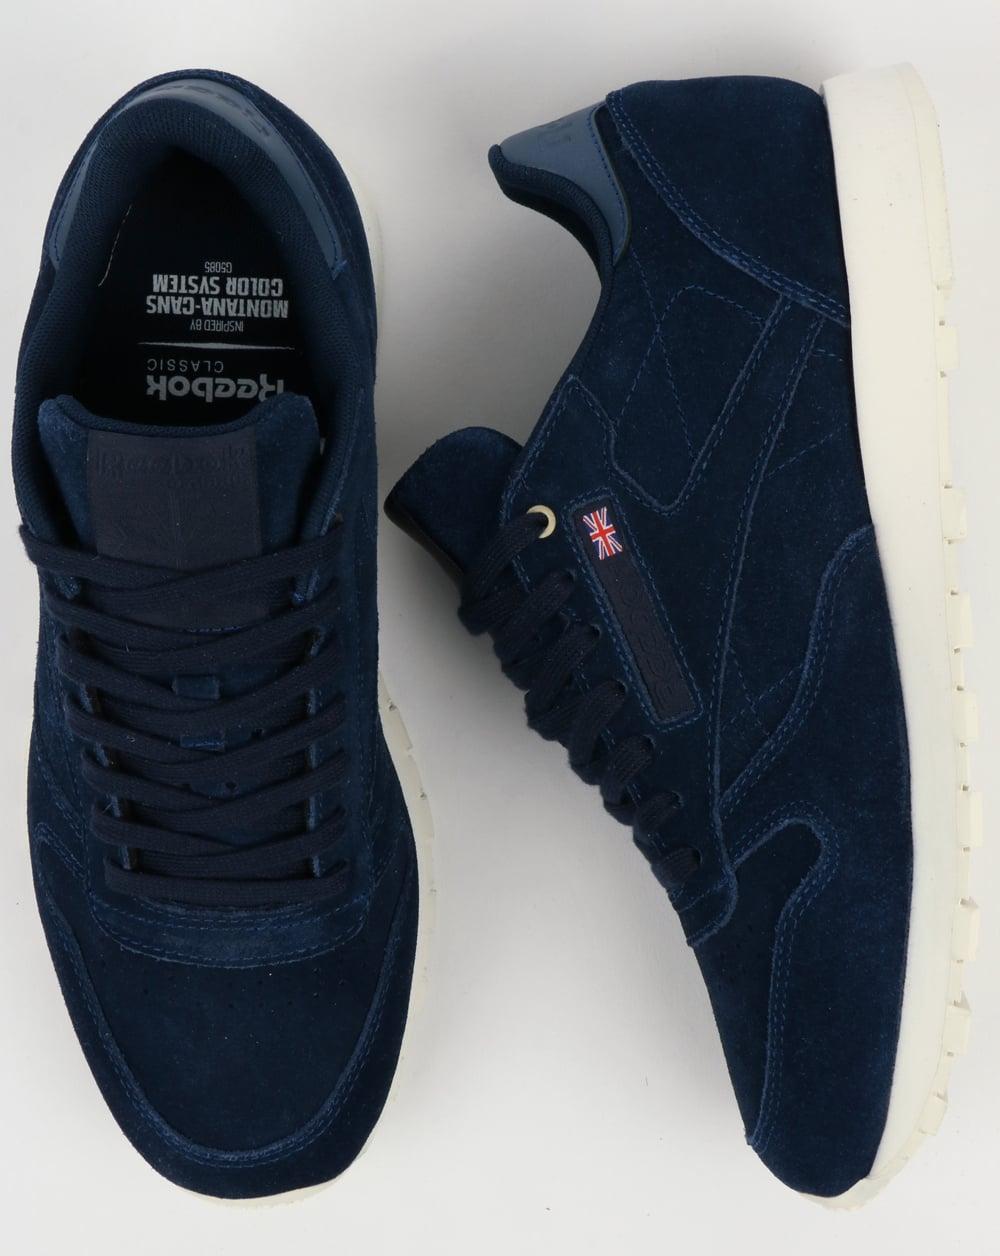 e46c8c53cc8 ... authentic reebok classic leather mcc trainers blue note chalk 7ce3d  8bfa7